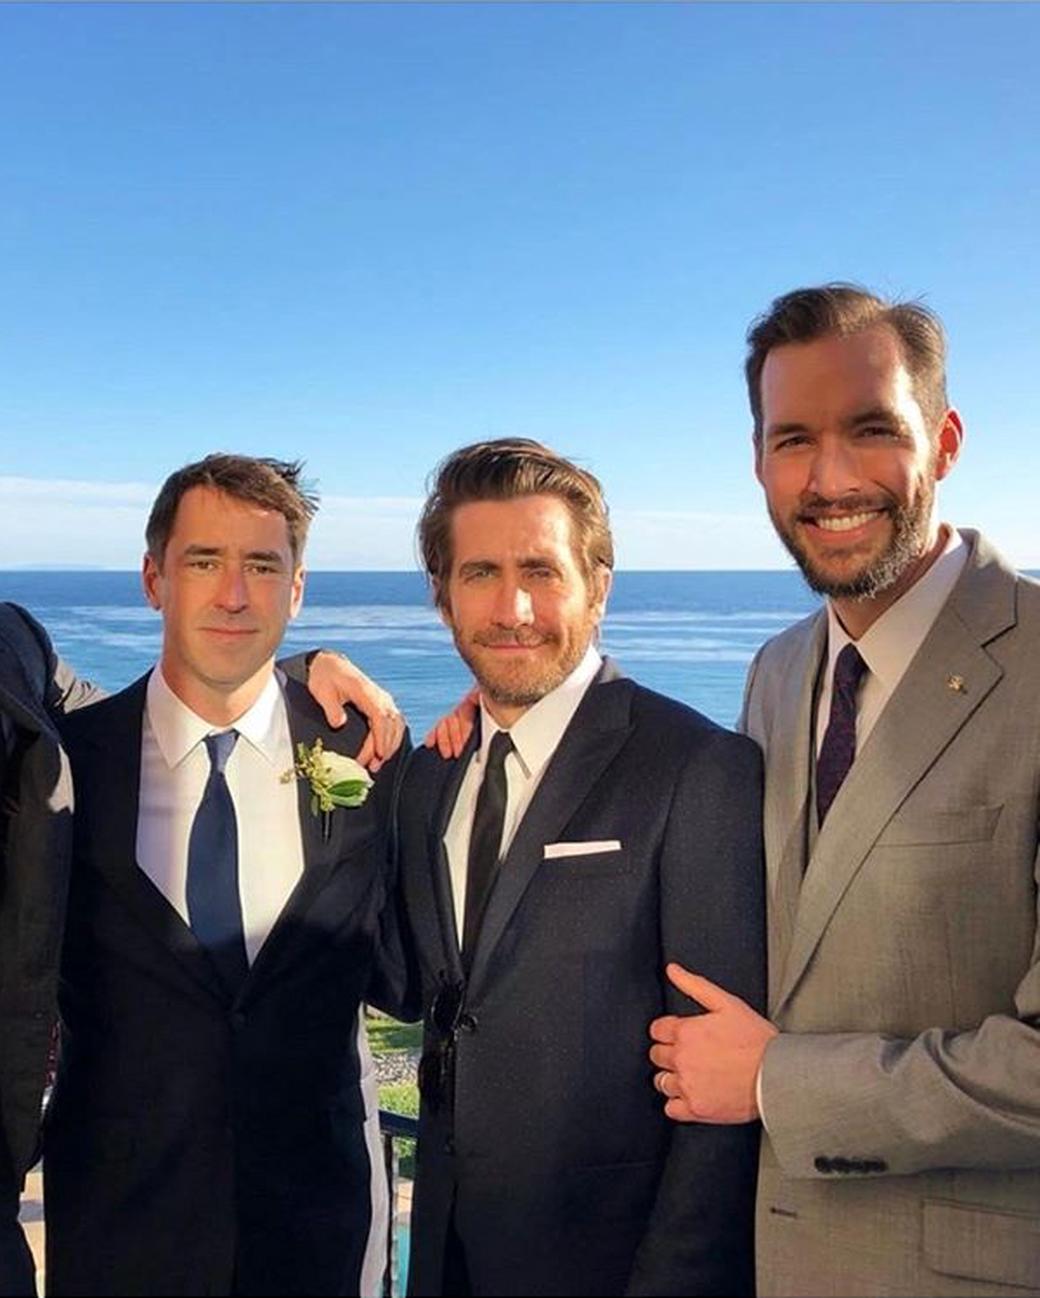 Jake Gyllenhall Amy Schumer Wedding Guest